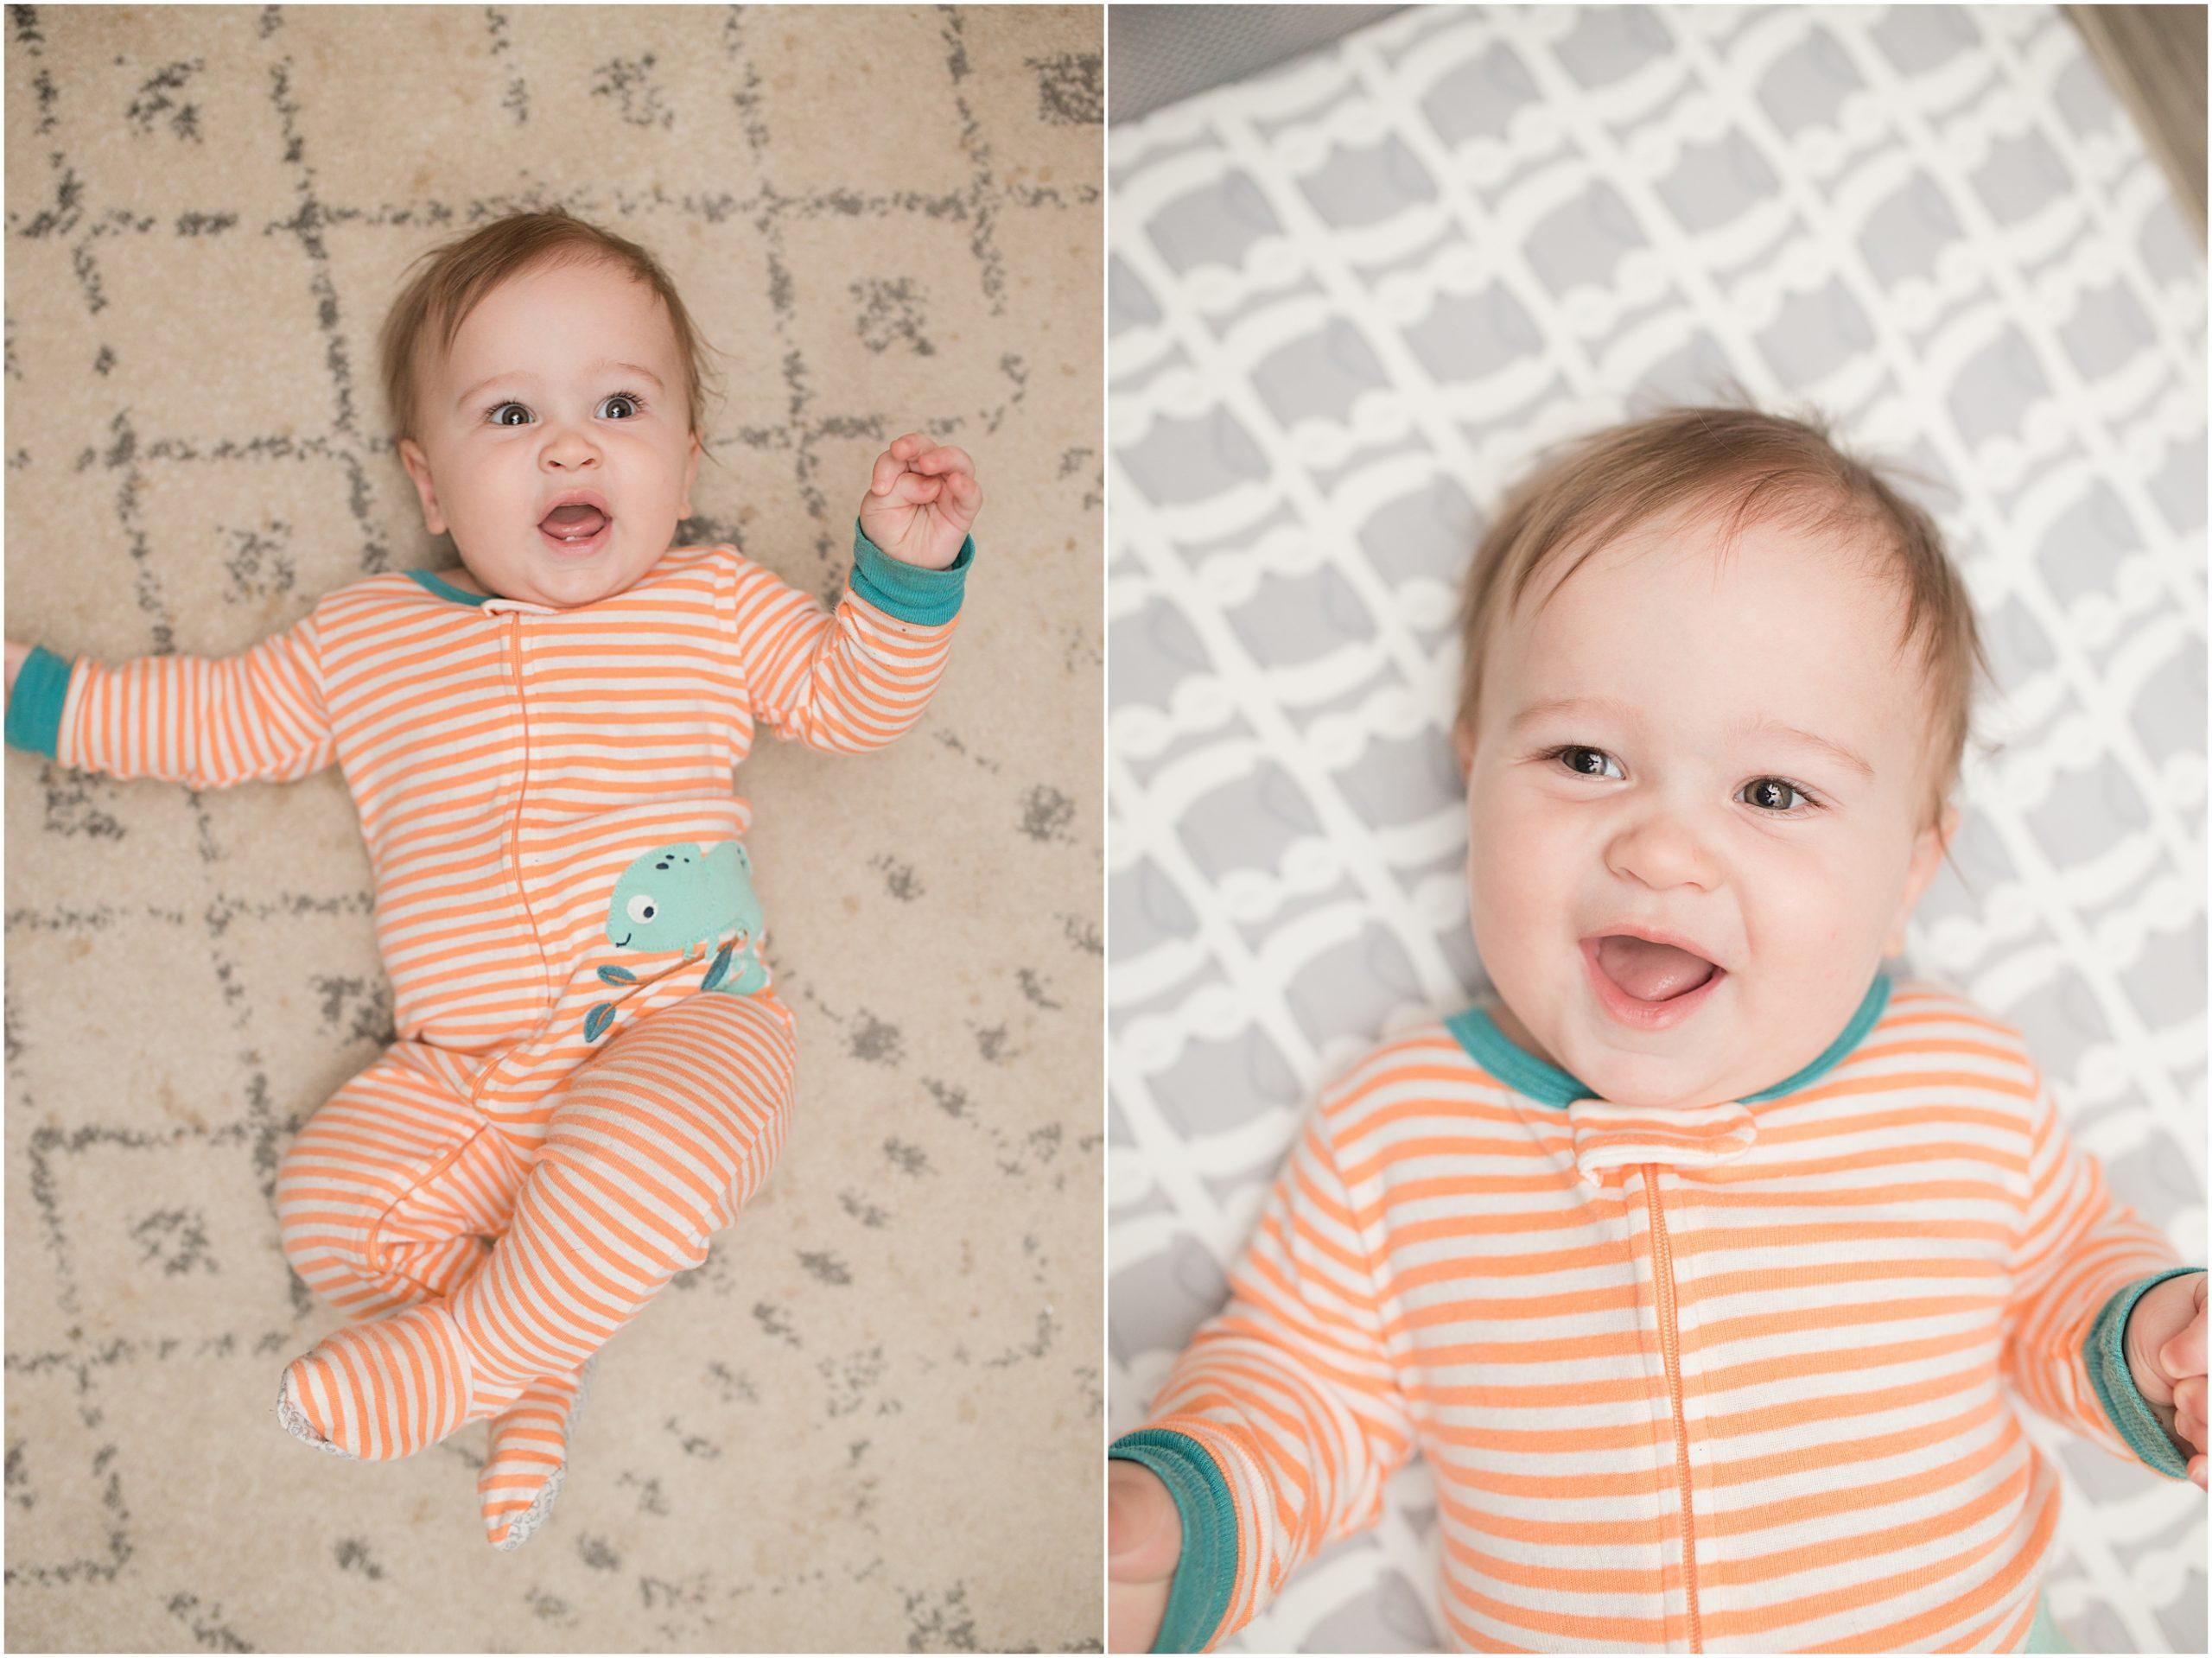 graham Franklin ten months old, Trisha McCarthy photo